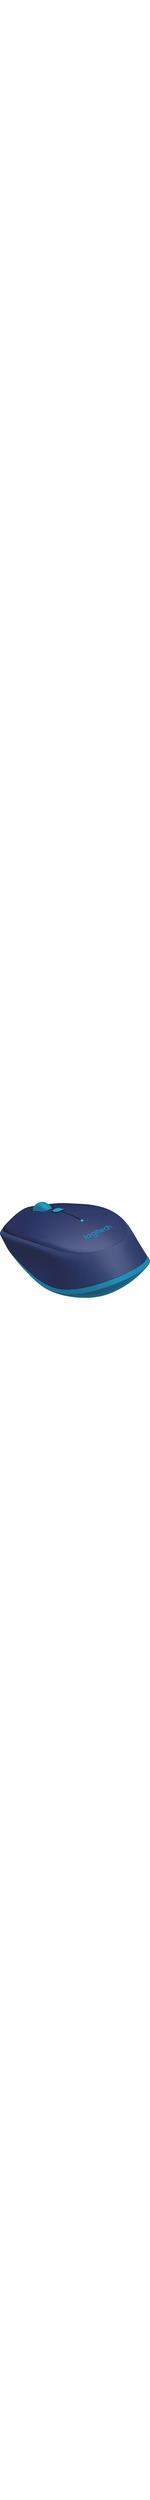 Logitech M535 Mouse - Optical - Wireless - Blue - Bluetooth - 1000 dpi - Computer - Tilt Wheel